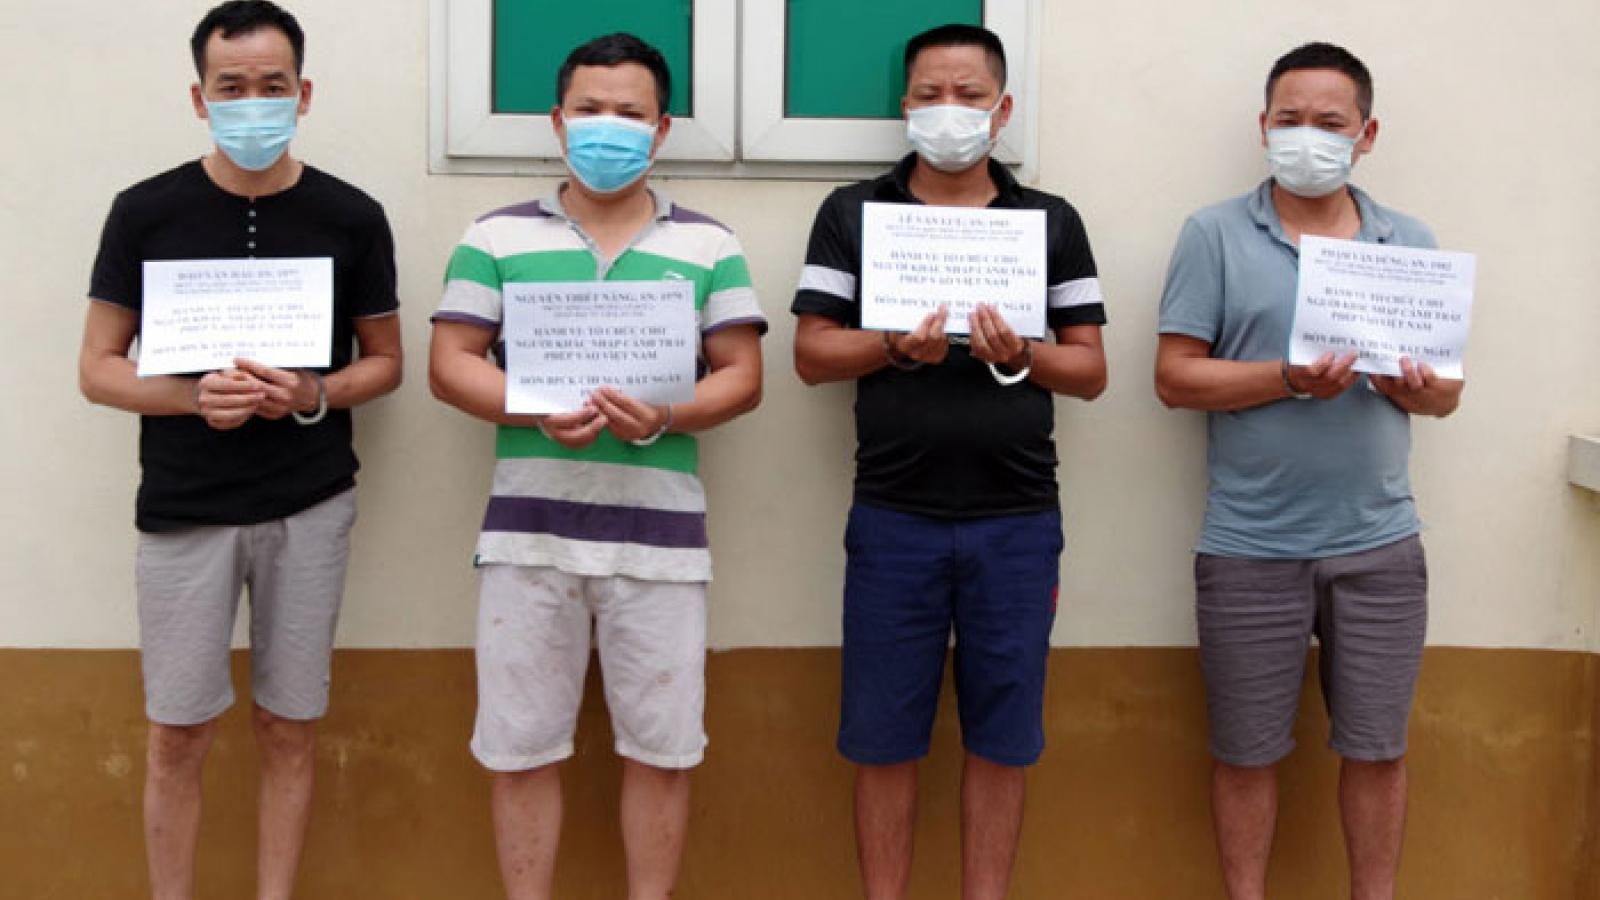 Nóng 24h: Nhận 10 triệu đồng để đón người Trung Quốc nhập cảnh trái phép